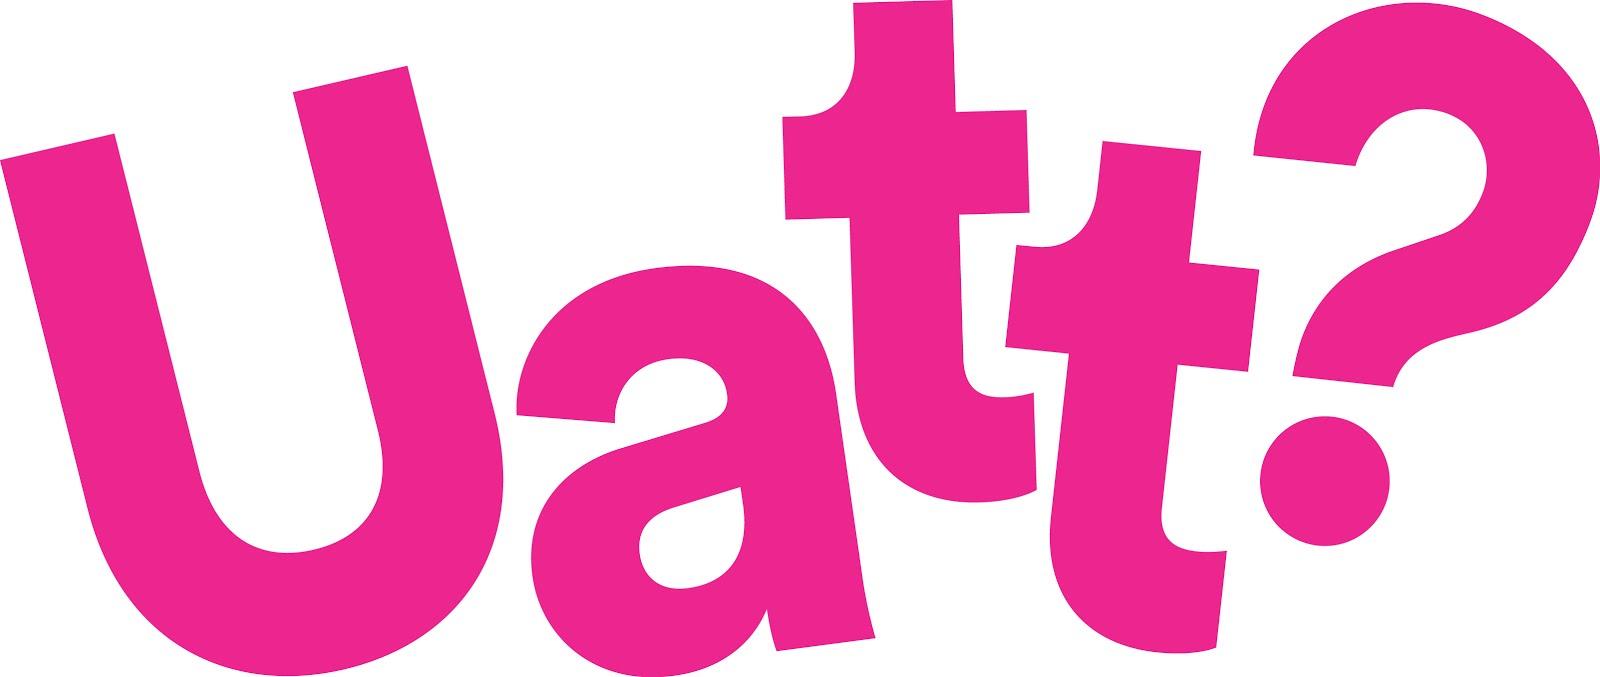 Uatt? Presentes Criativos